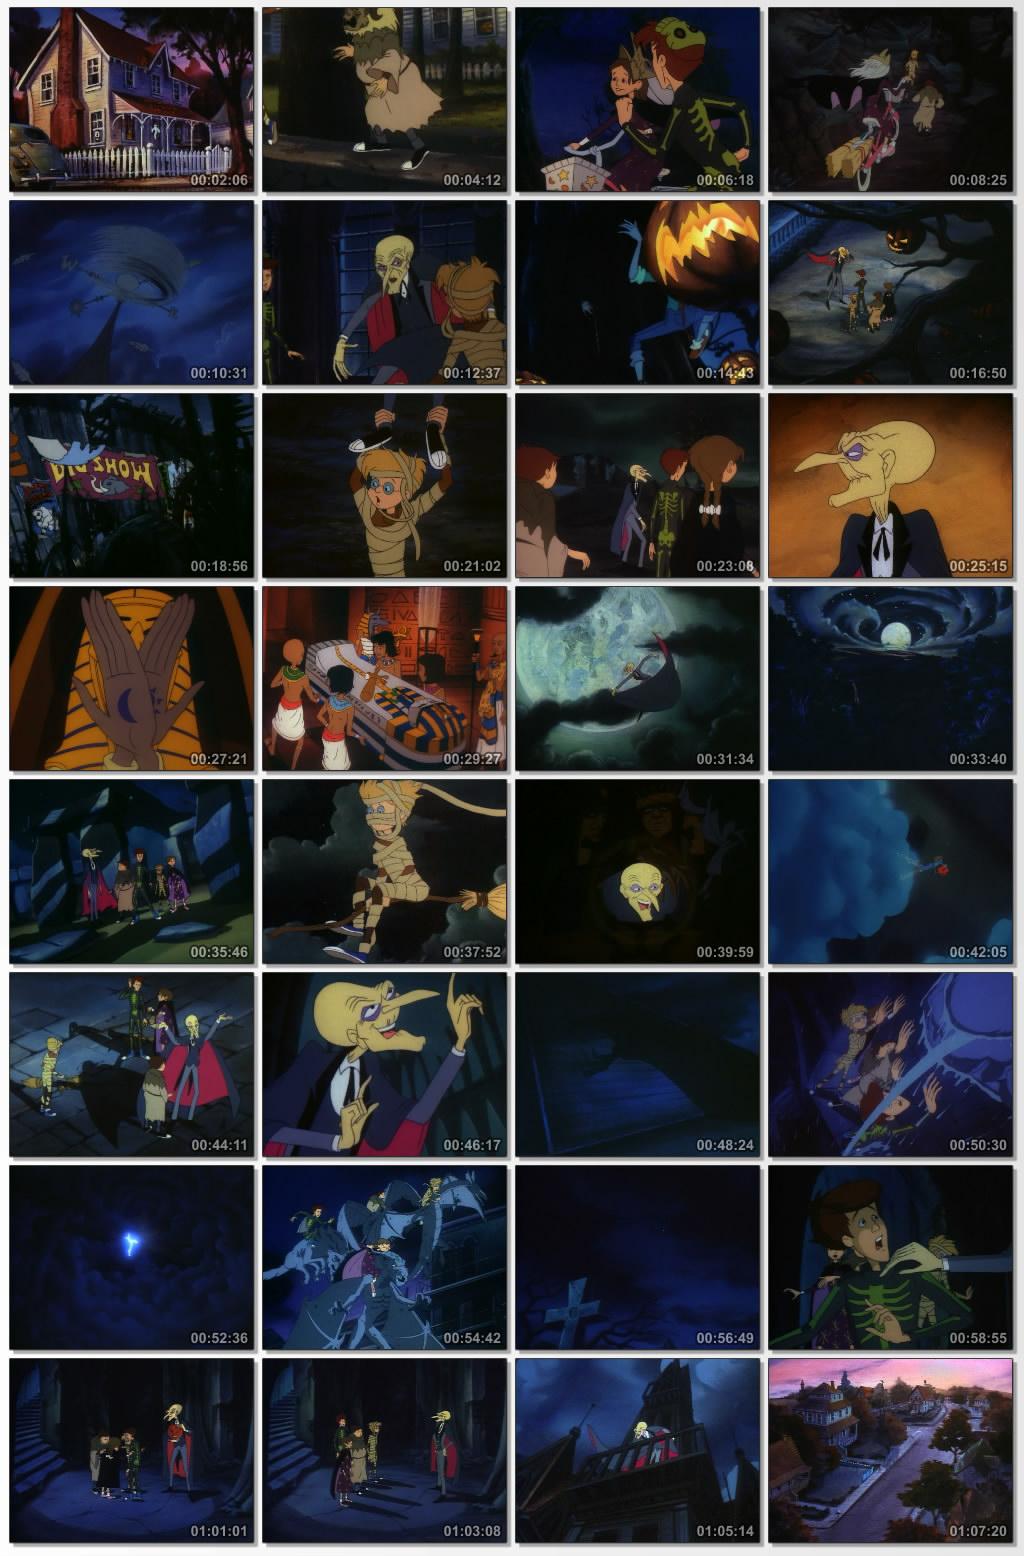 دانلود انیمیشن کارتونی The Halloween Tree 1993